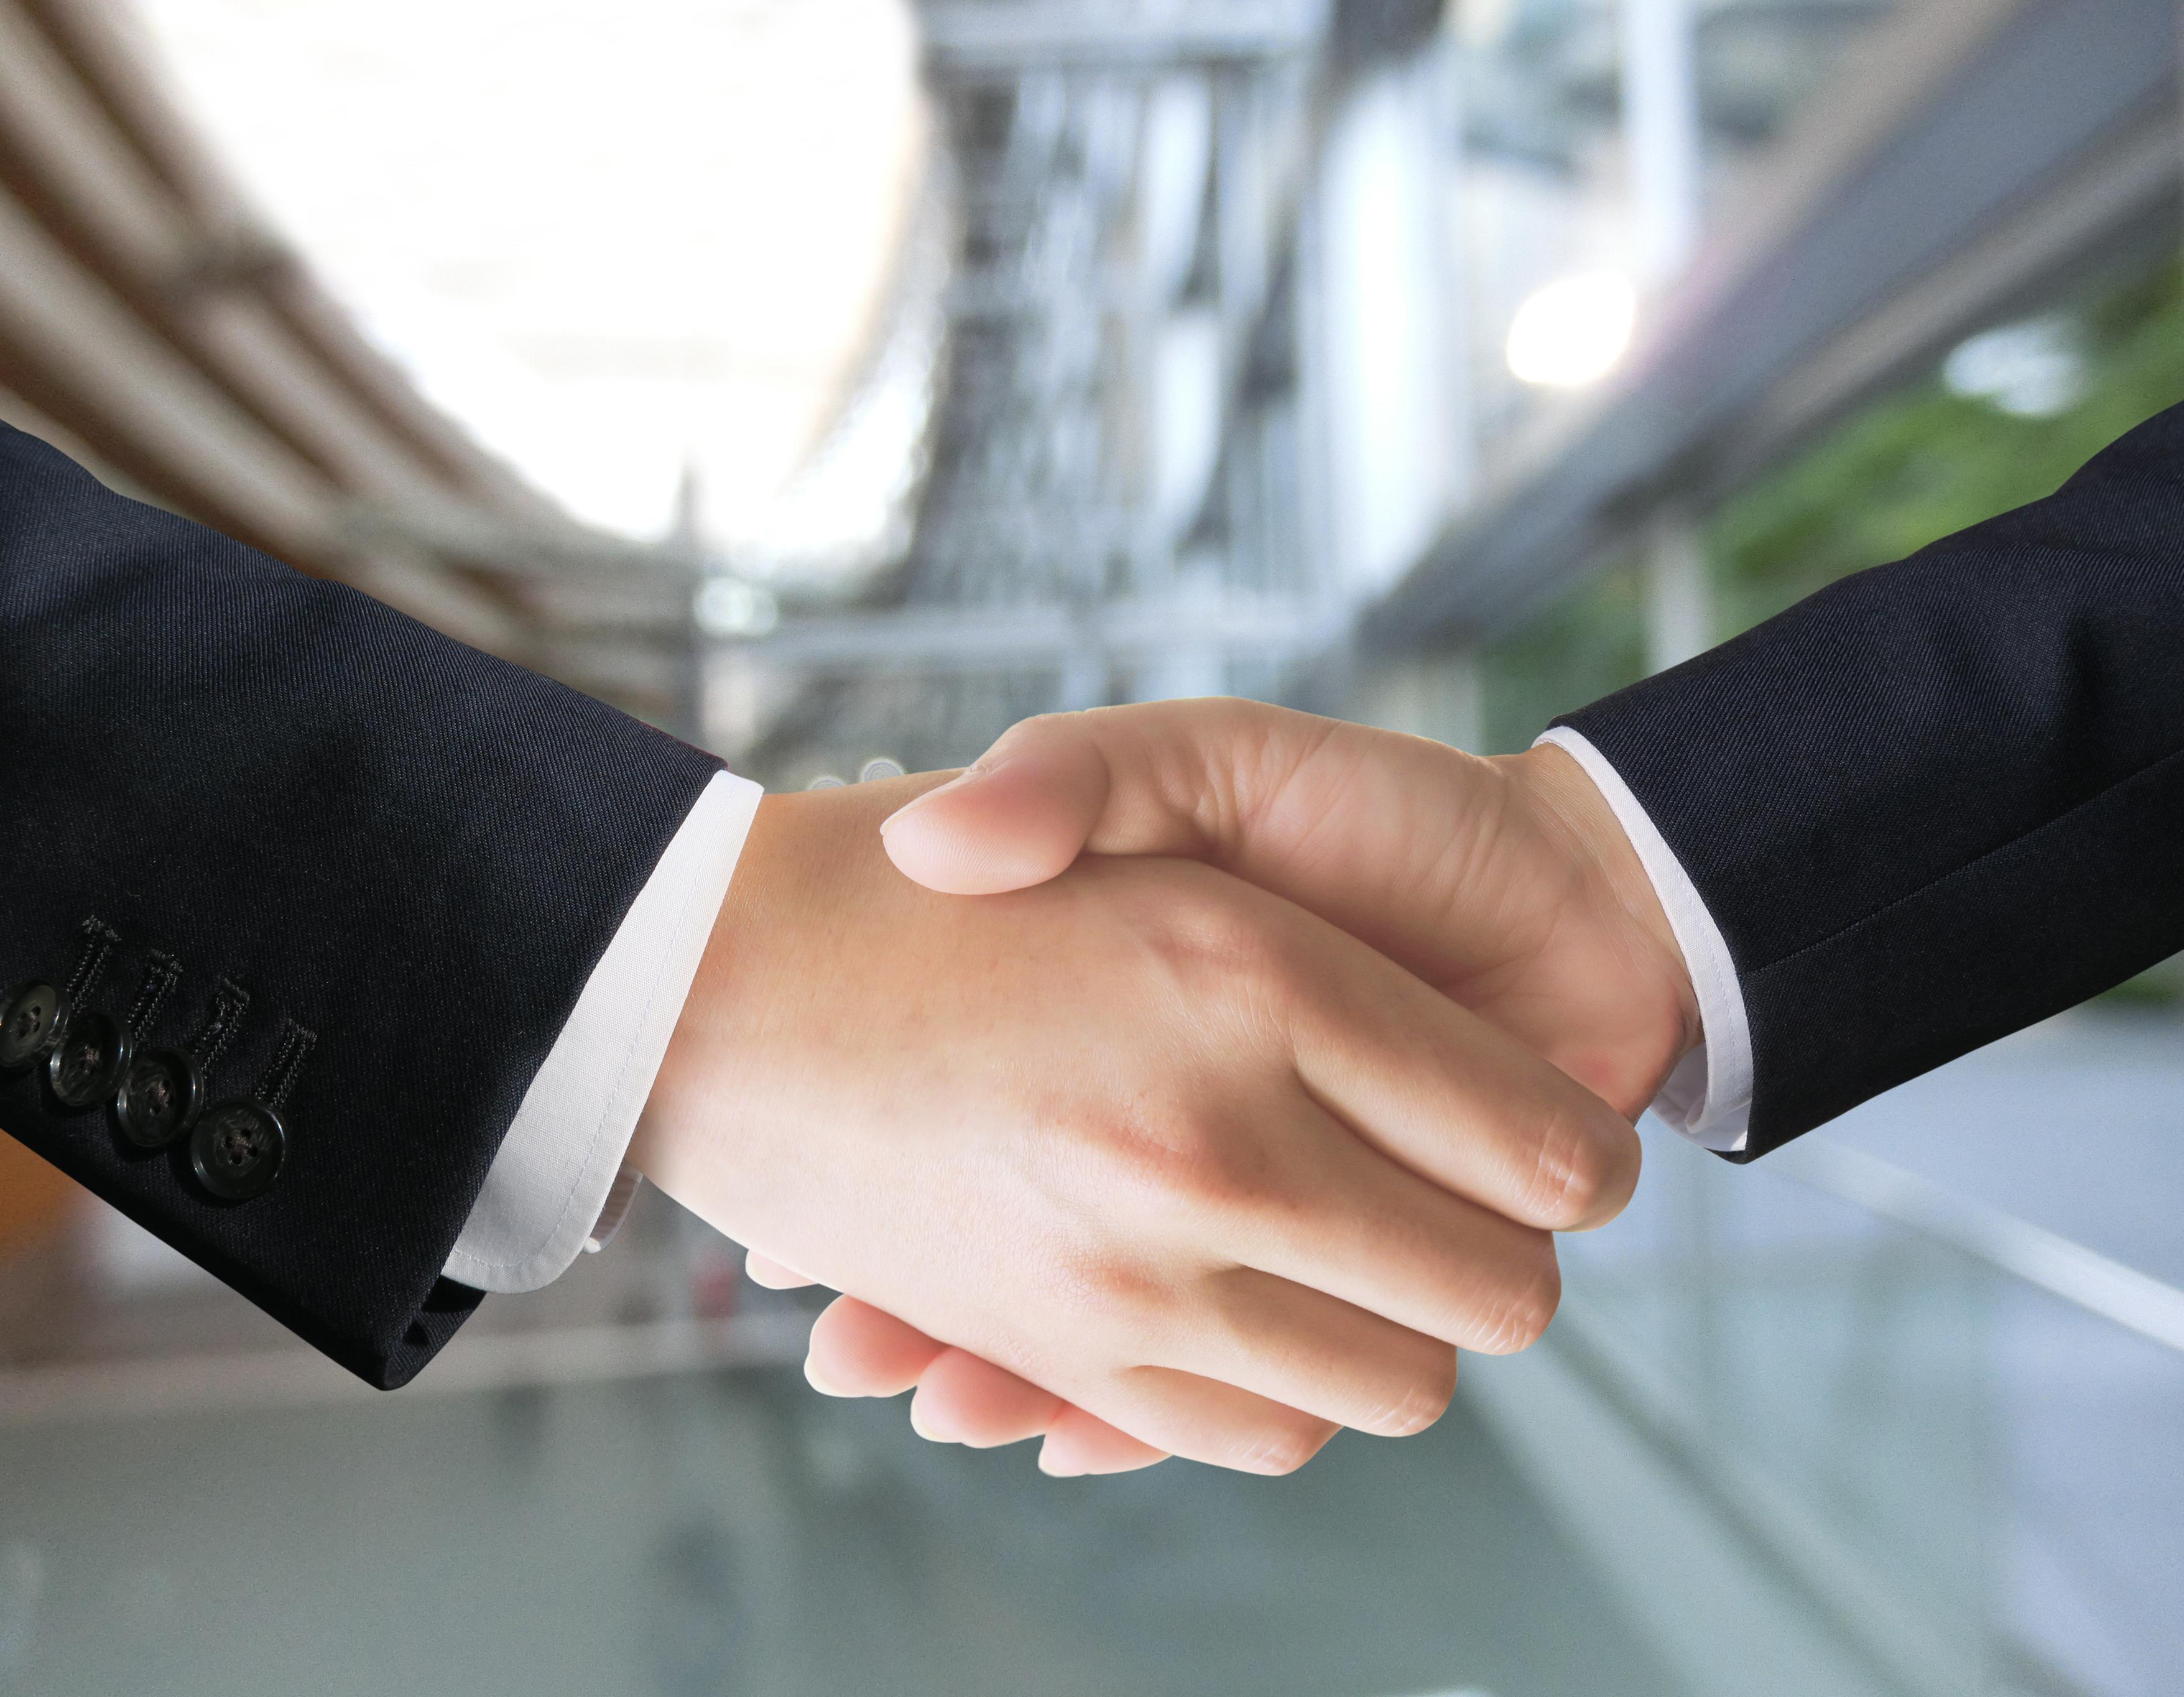 業務の効率化も図れる!良いオフィスレイアウトのコツとは?